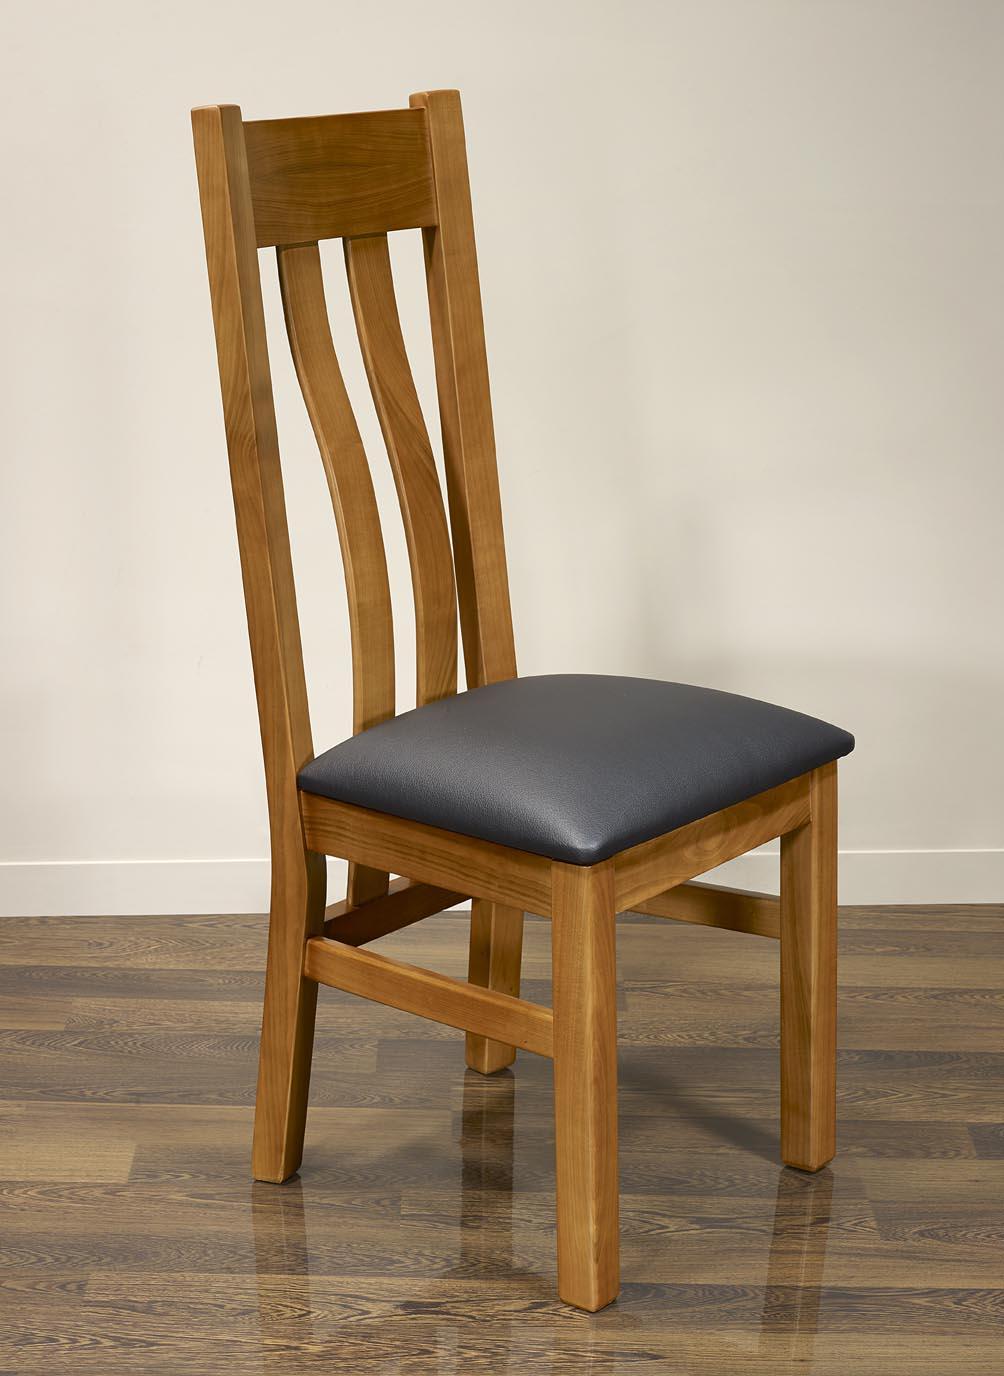 chaise annie em merisier massif de style contemporaine assise moleskine meuble en merisier massif. Black Bedroom Furniture Sets. Home Design Ideas